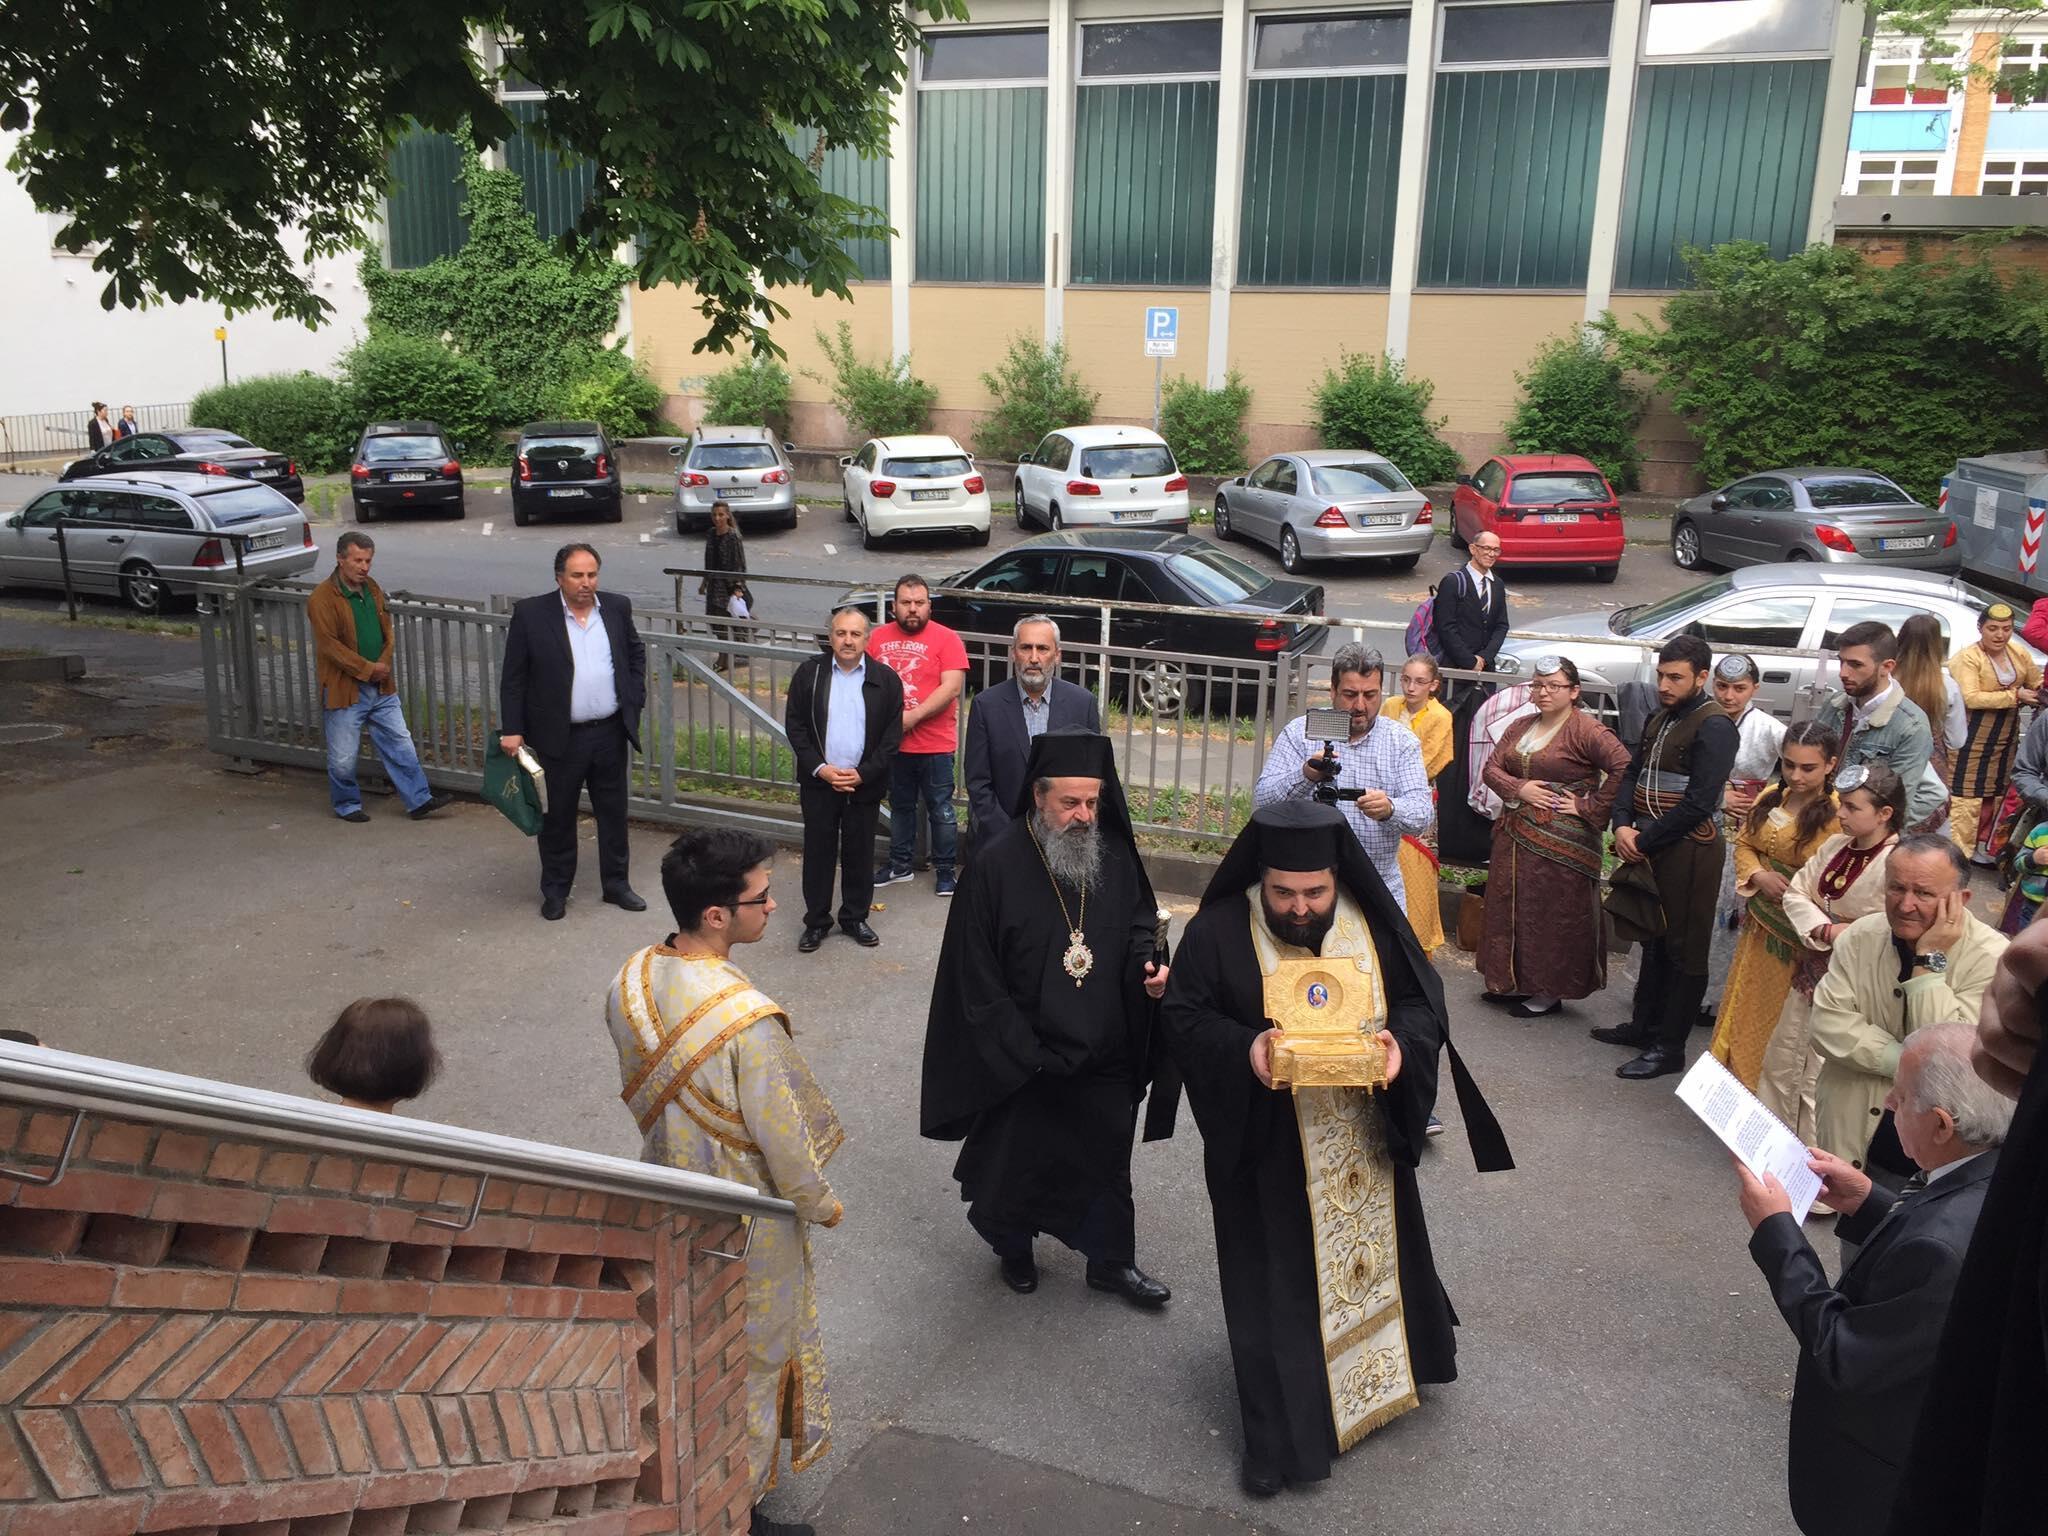 αγίων αποστόλων ντορτμουντ ιερά λειψανα